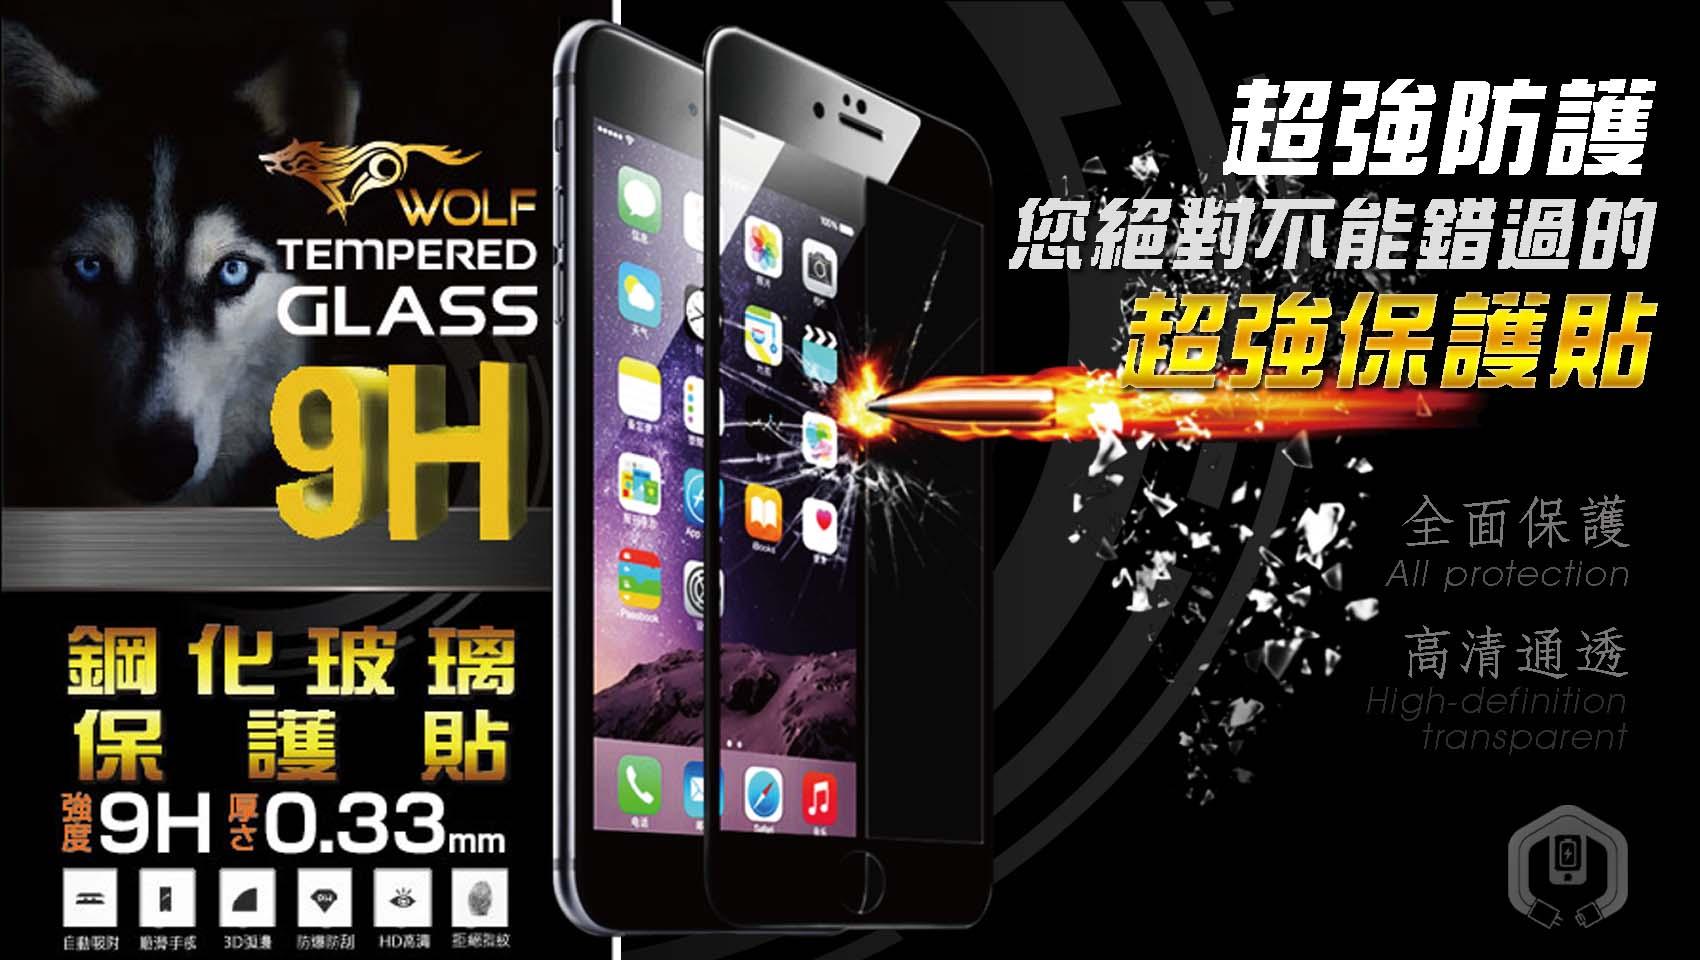 【少東通訊】9H 鋼化玻璃保護貼 Note5 Note4 Note3 S6 S5 S4 S3 手機保護貼